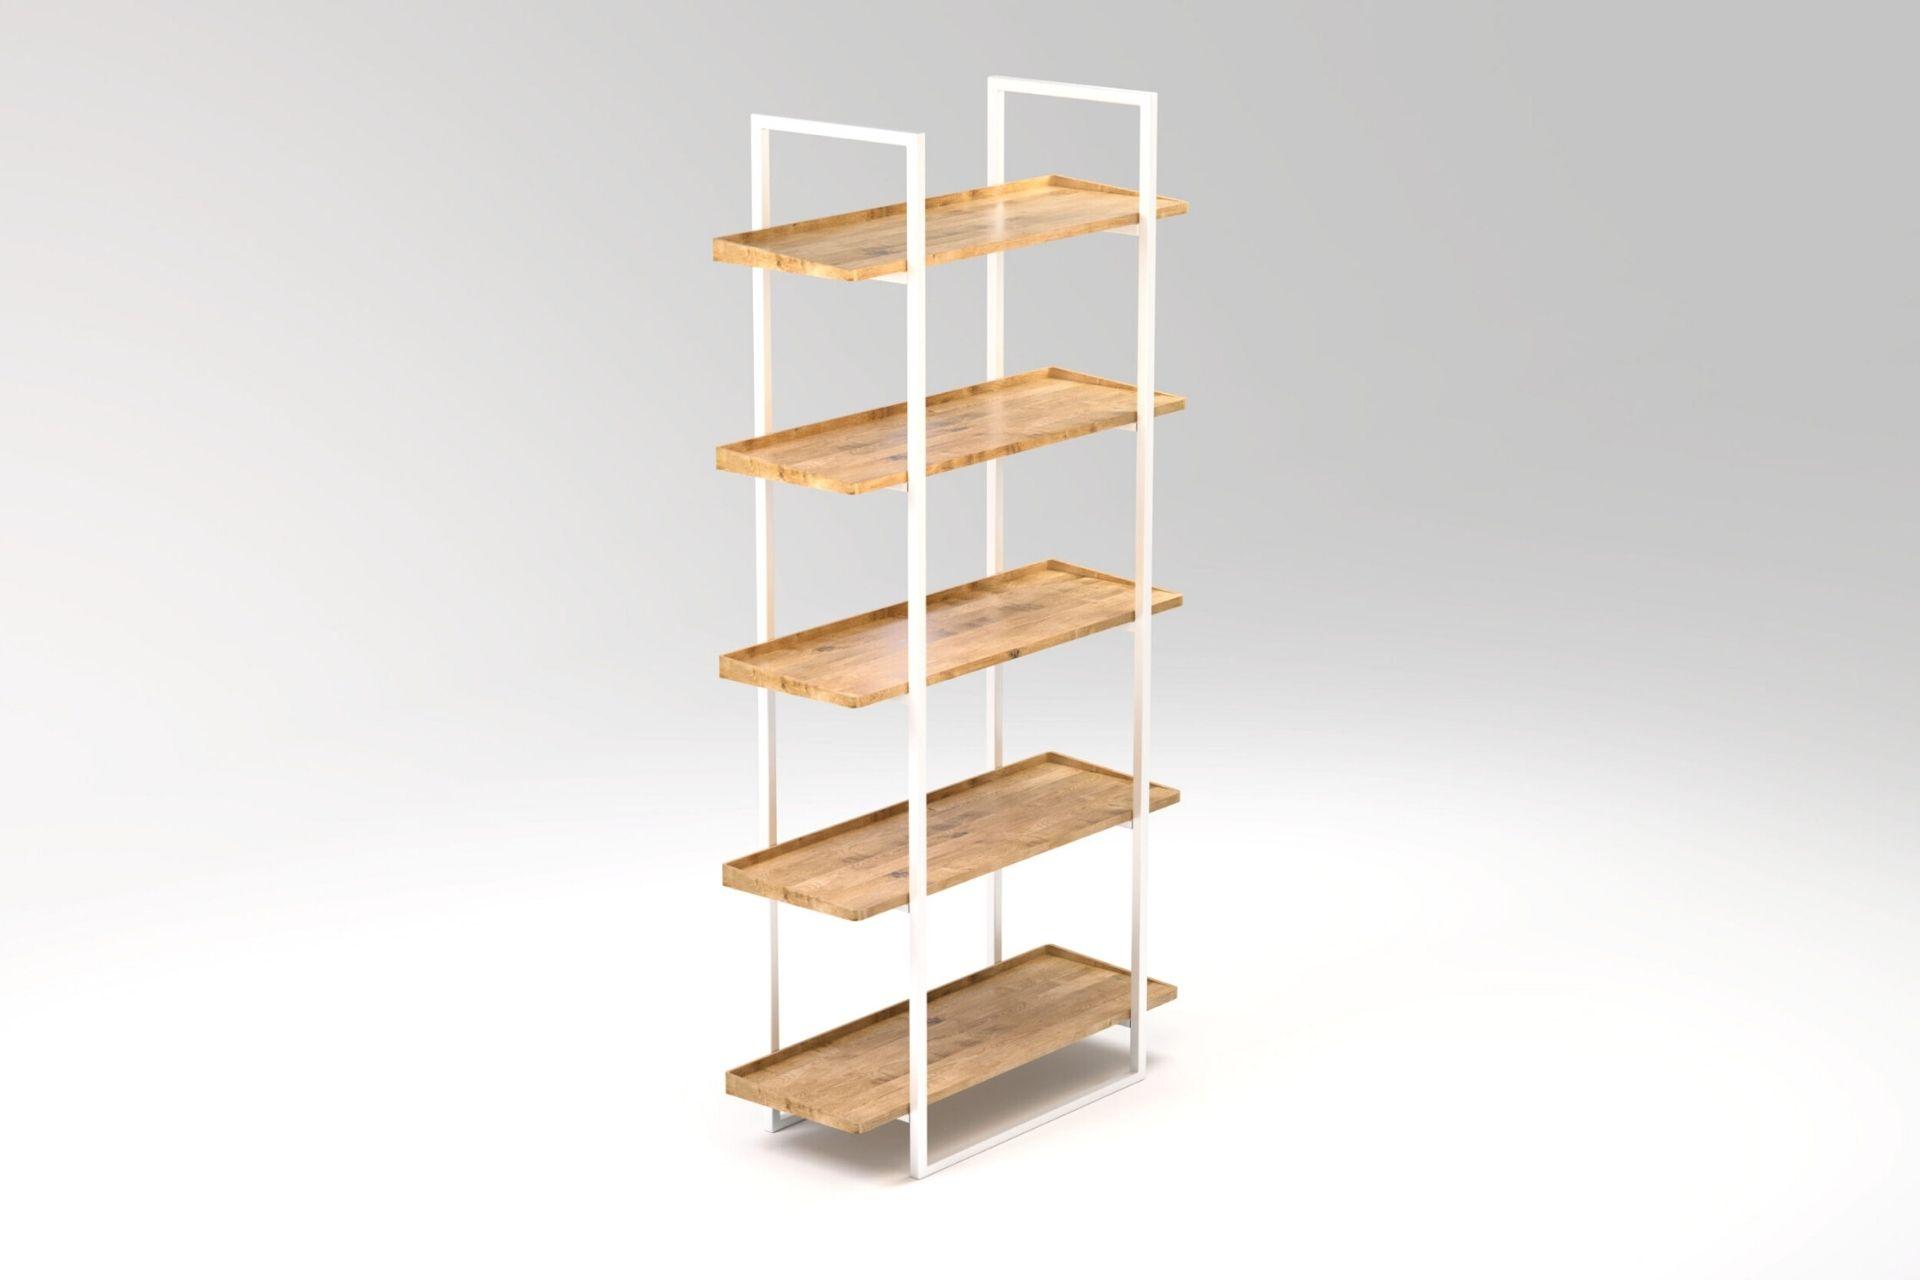 1_Bücherregal aus Stahl und massiver Eiche